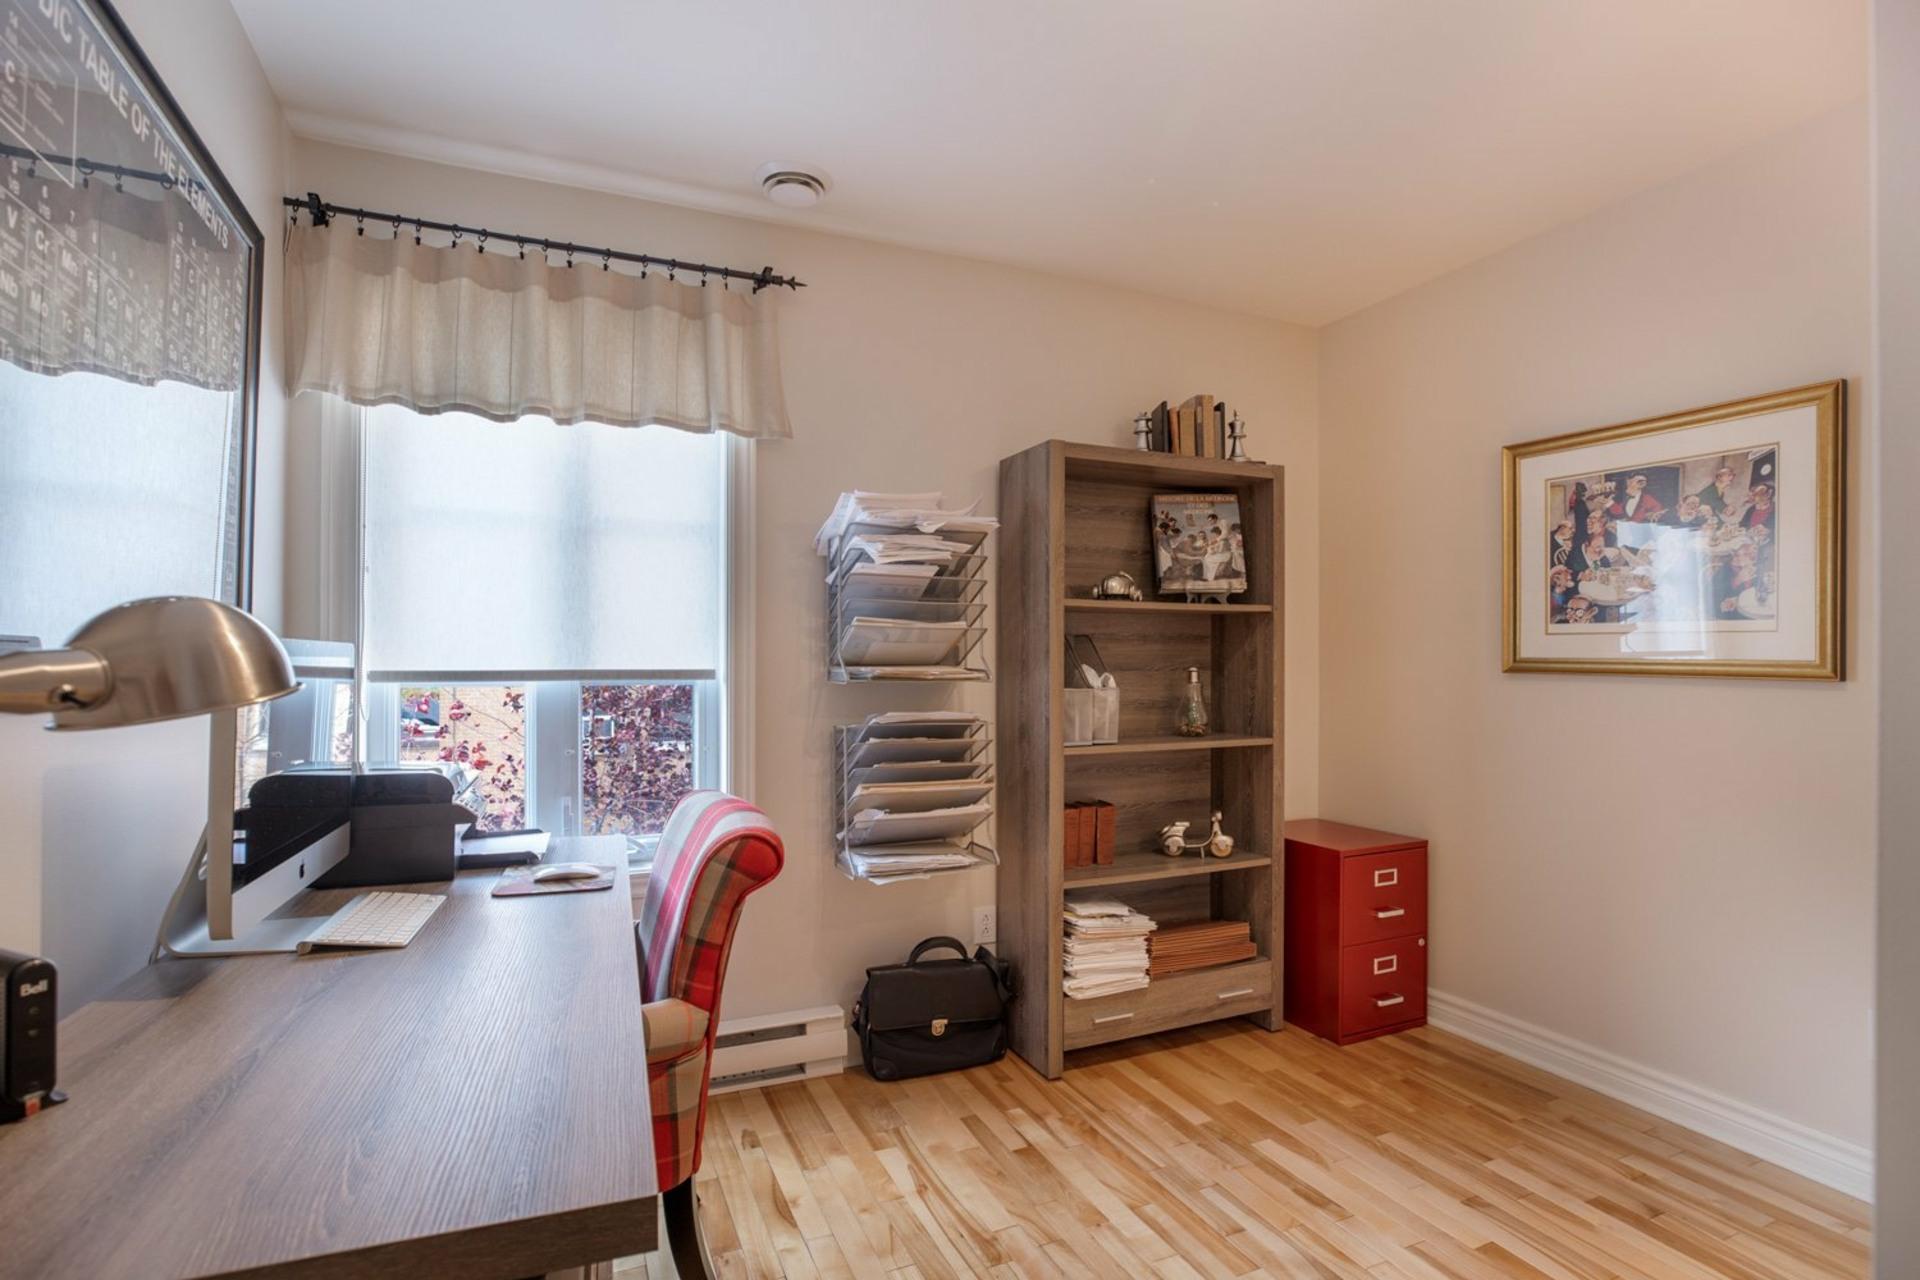 image 19 - House For sale Ahuntsic-Cartierville Montréal  - 8 rooms